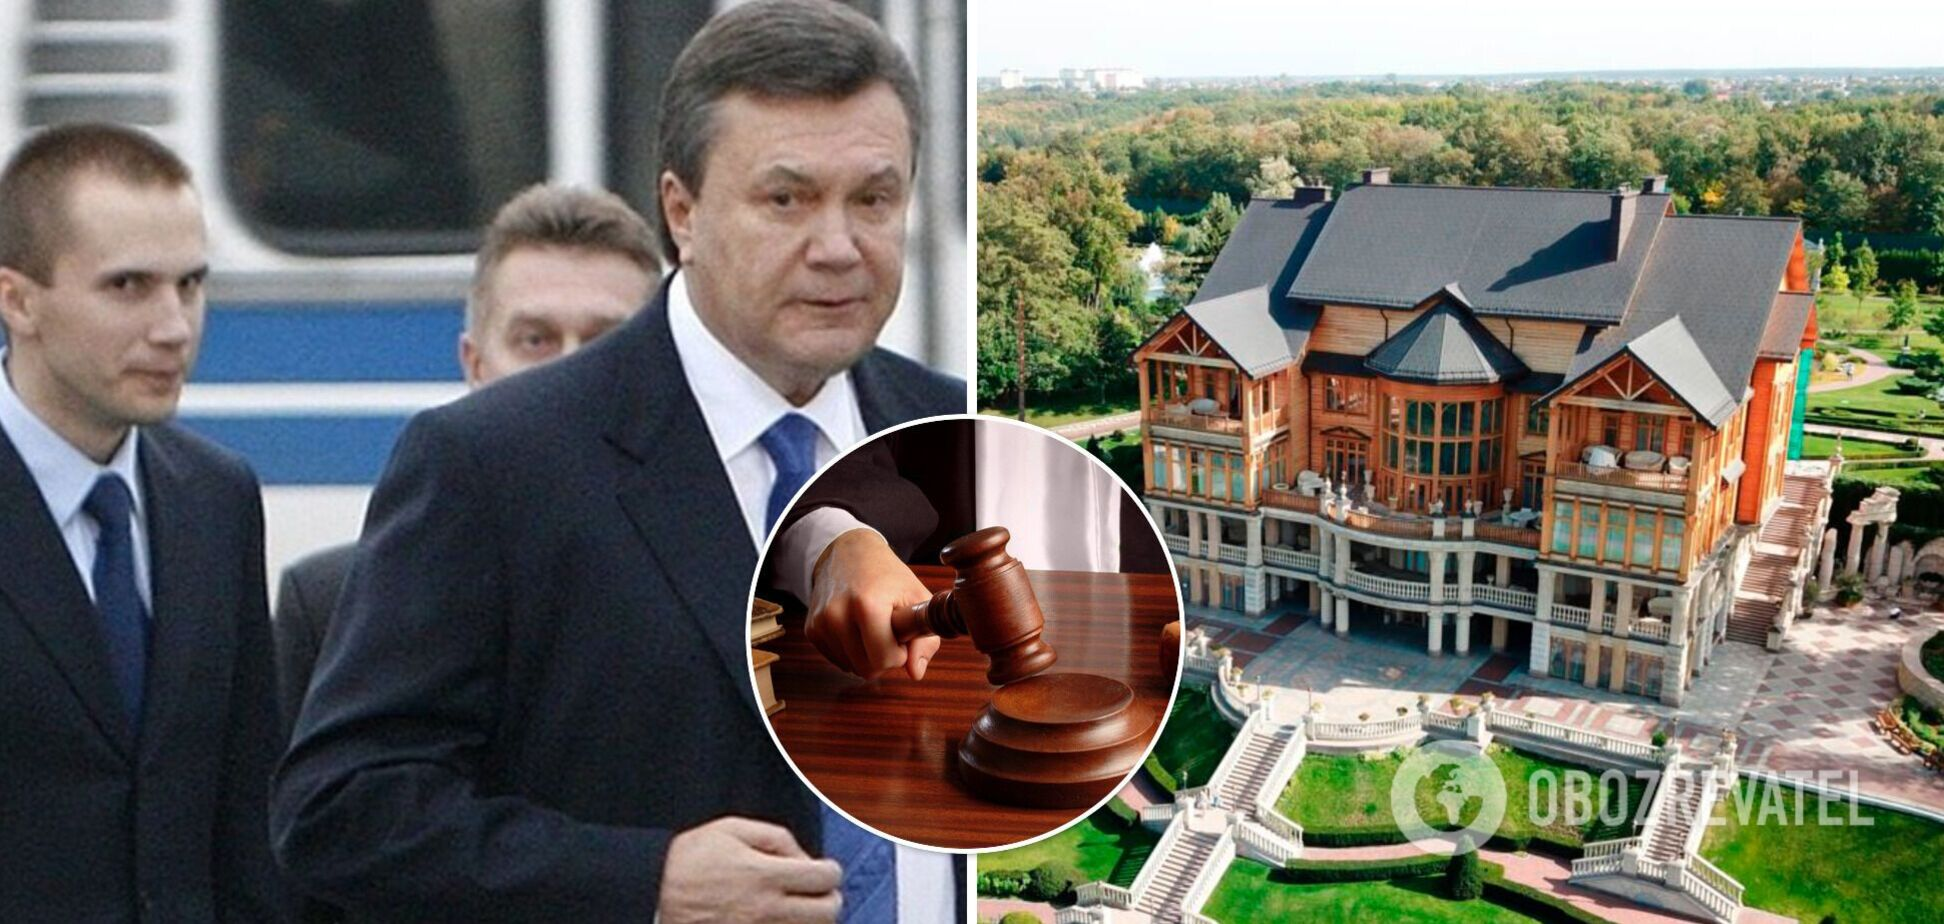 Суд разрешил заочное расследование дела о присвоении 'Межигорья' Януковичем